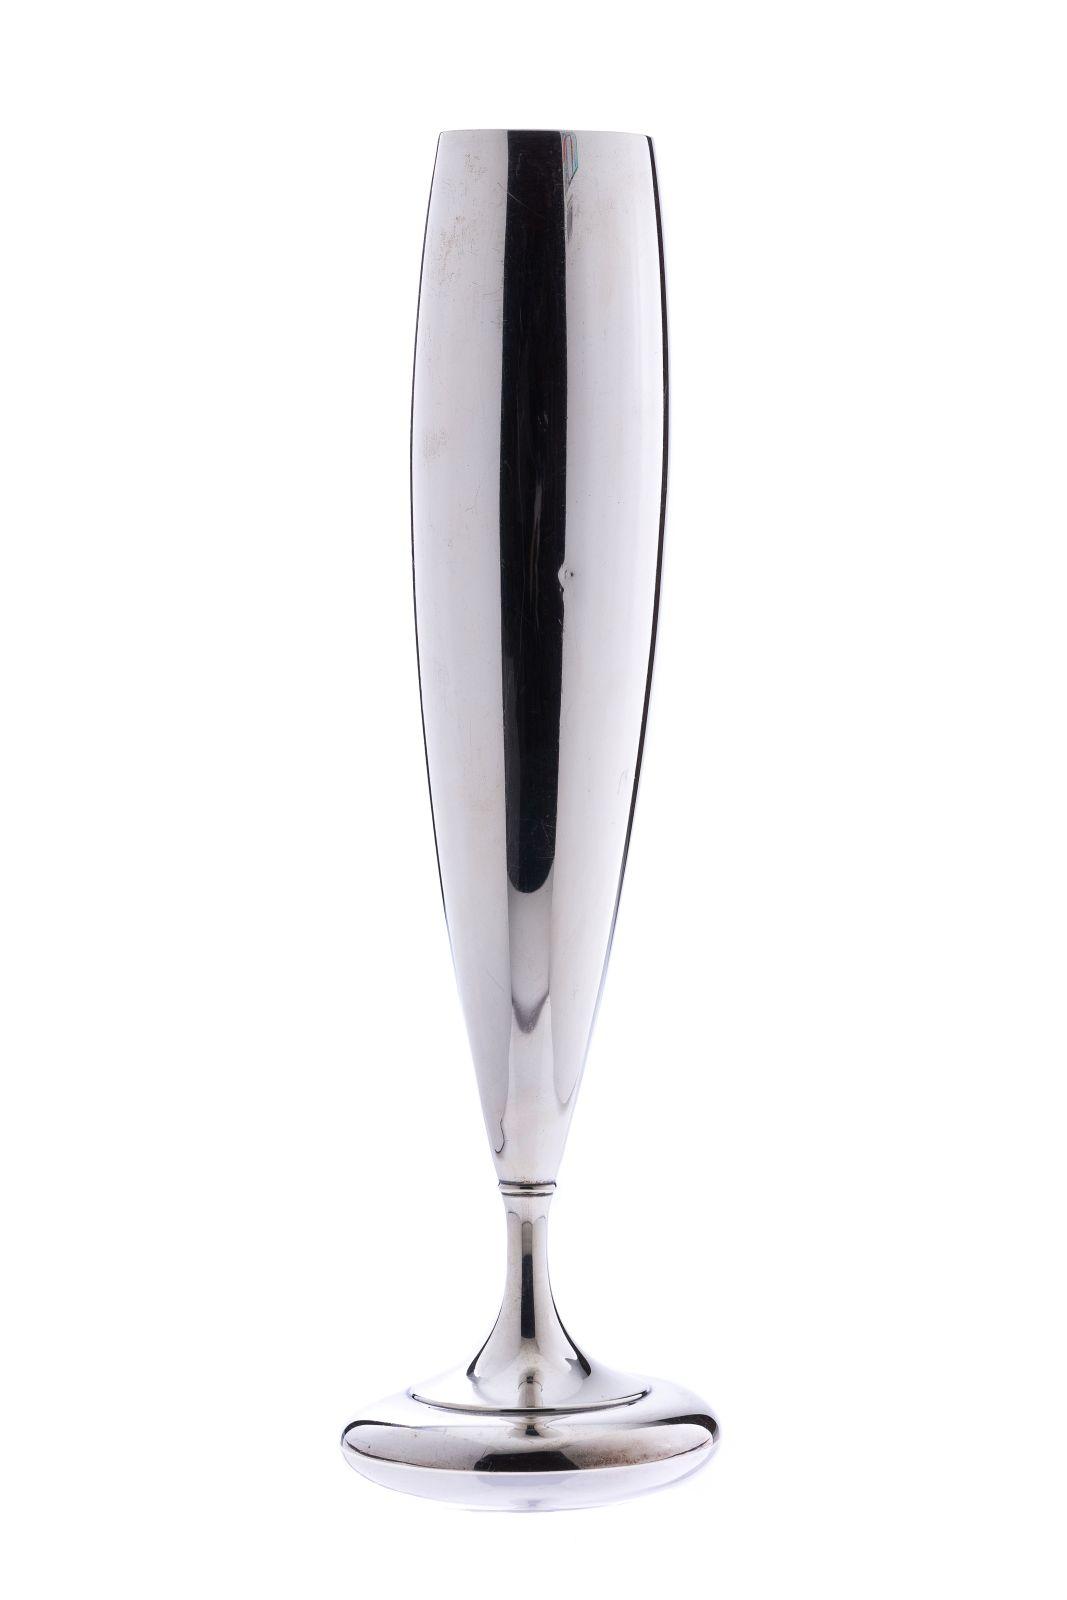 #111 Silver vase | Silbervase Image